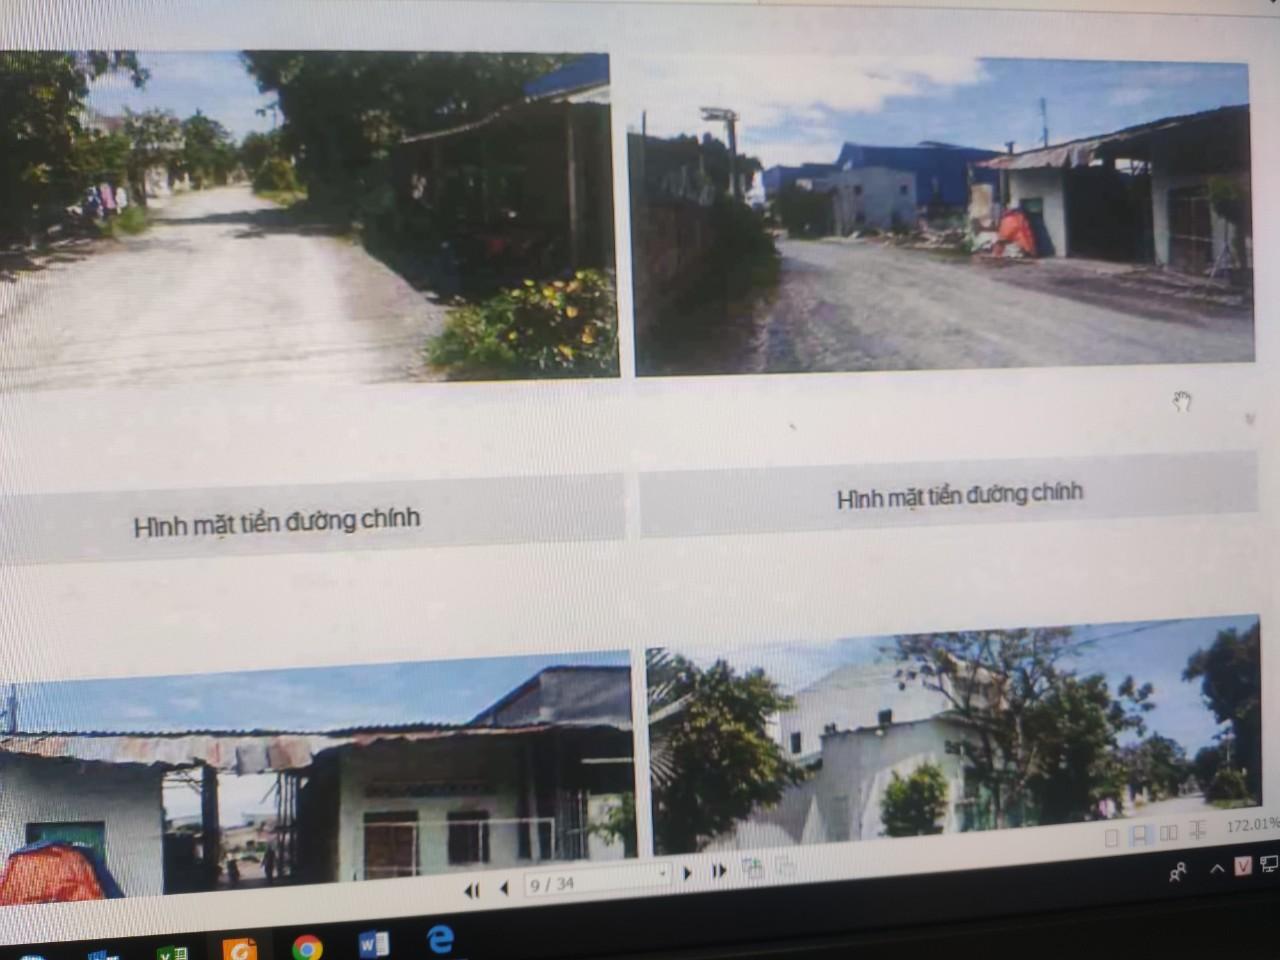 Bán 1,7705m2 đất tại đường Nguyễn Văn Cương, PTân Khánh, Tân An, Long An